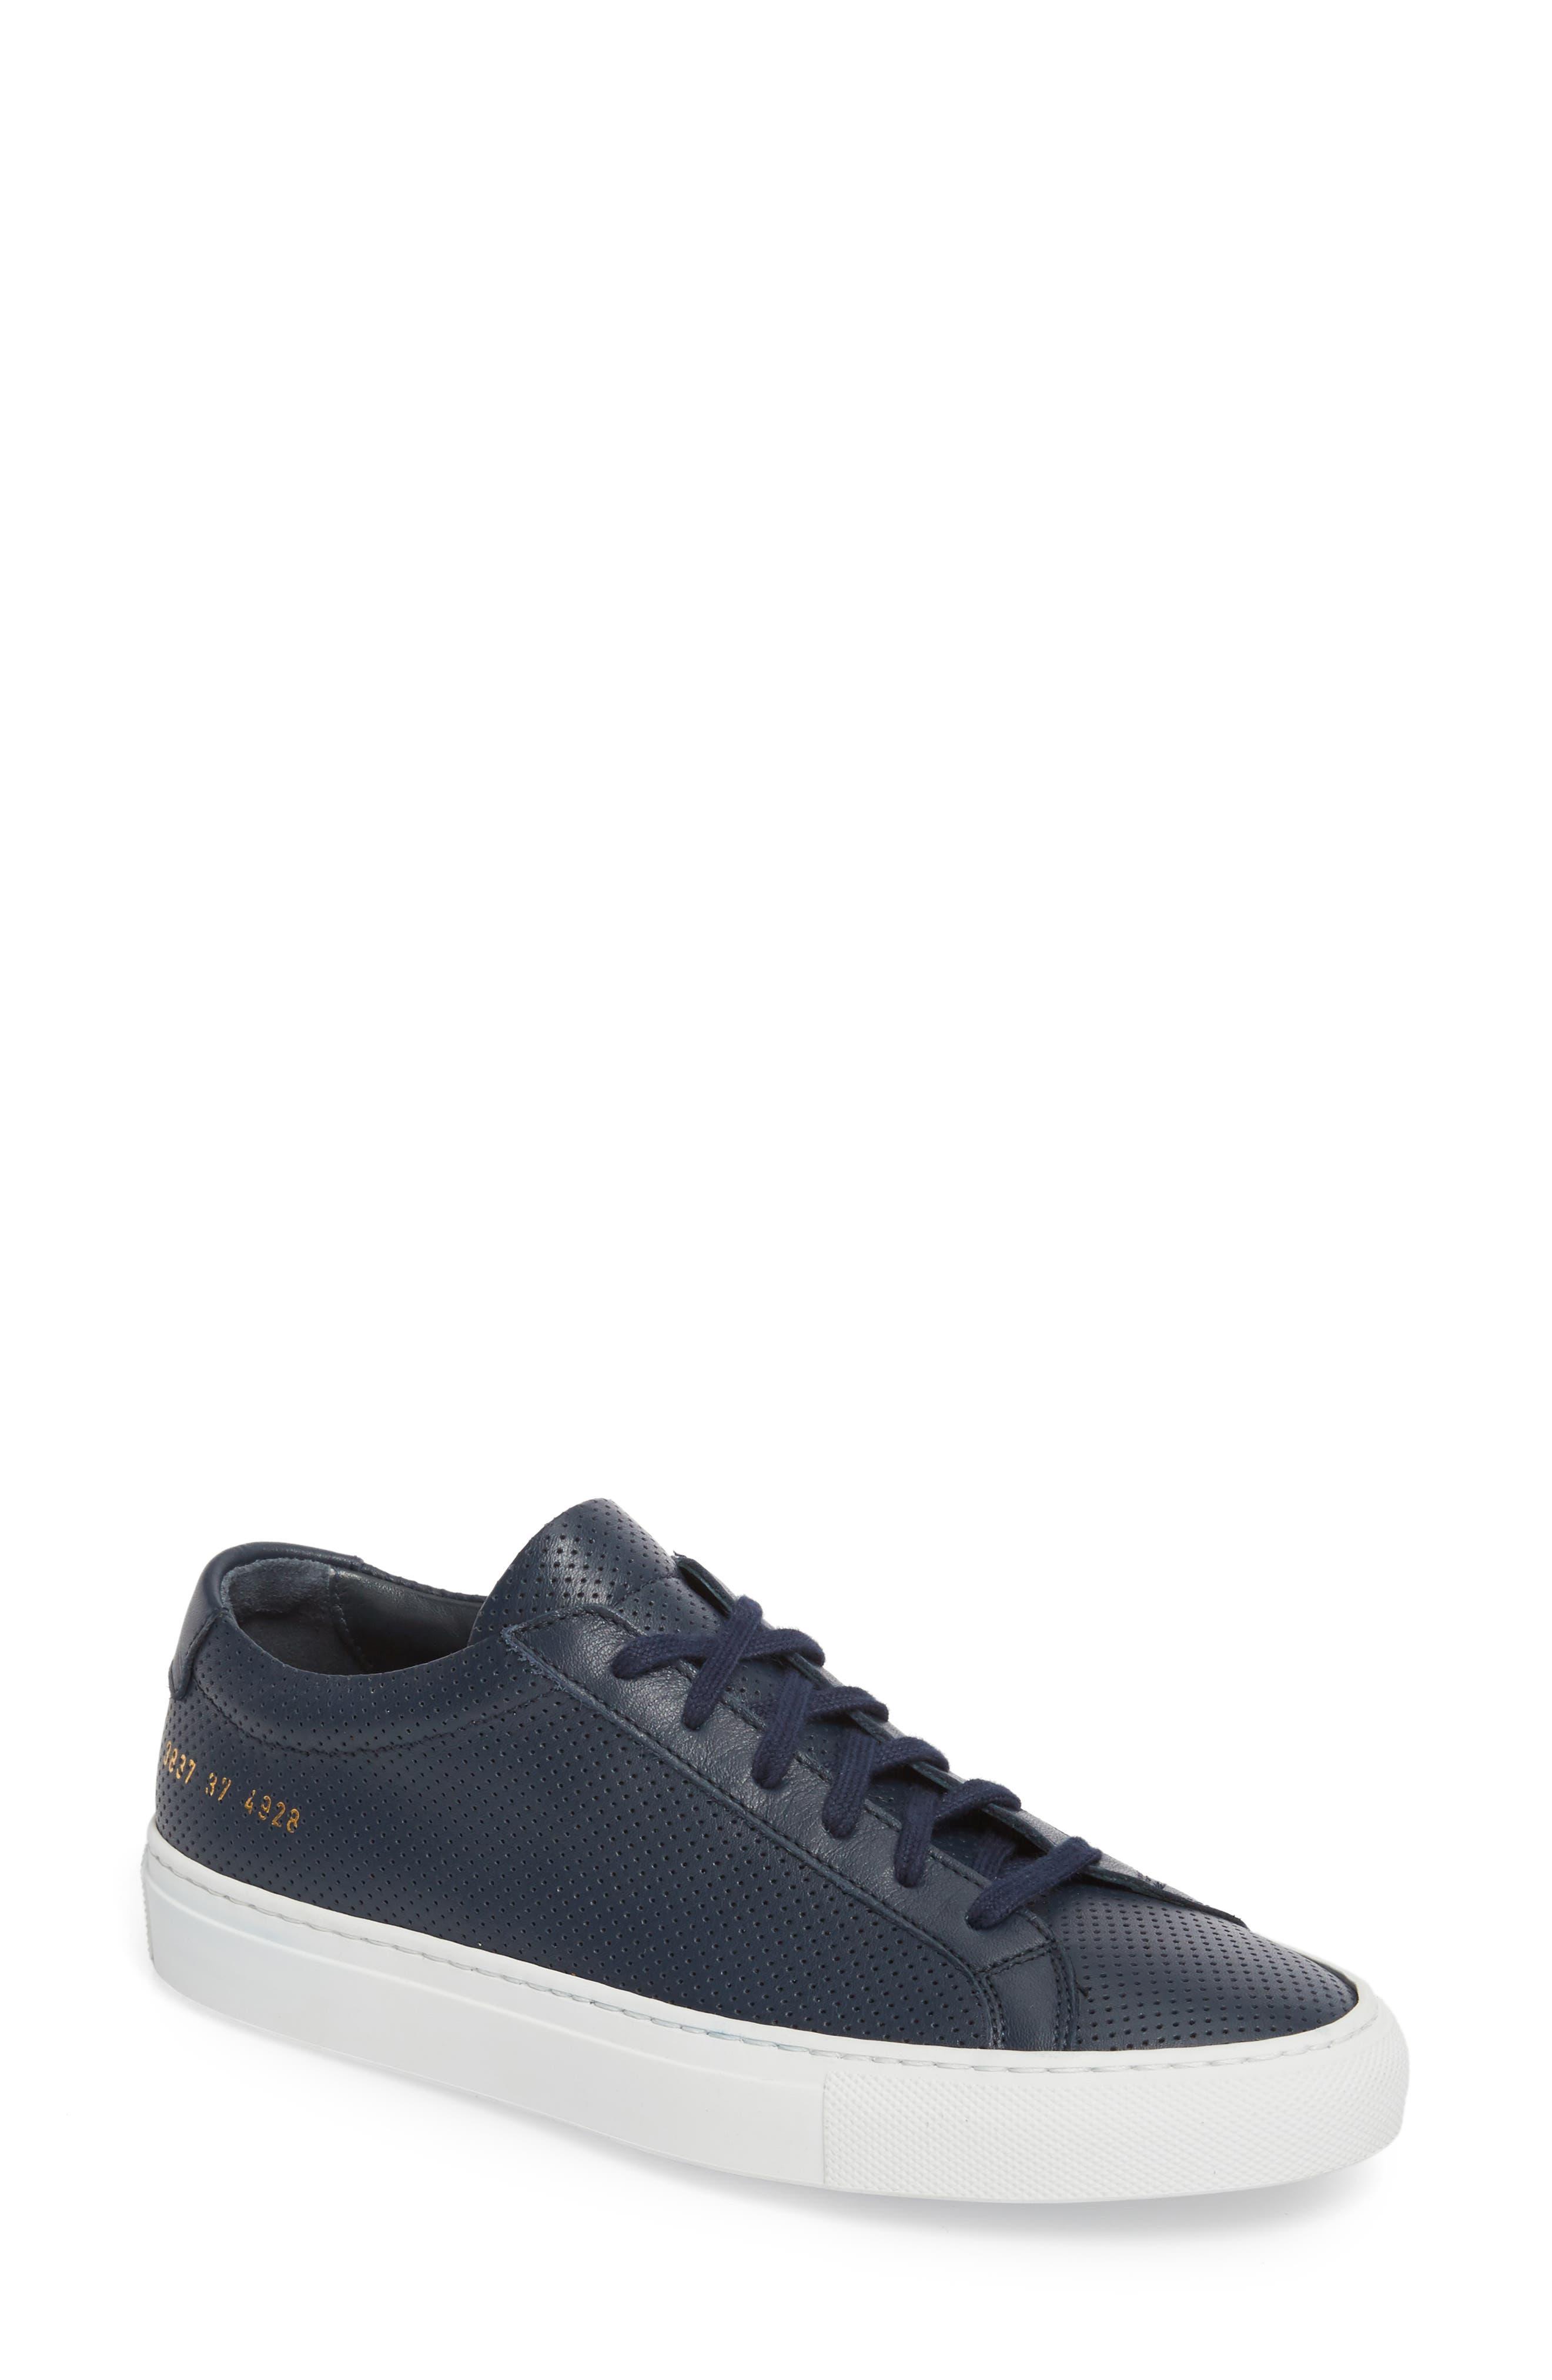 Original Achilles Perforated Low Sneaker,                         Main,                         color, 400